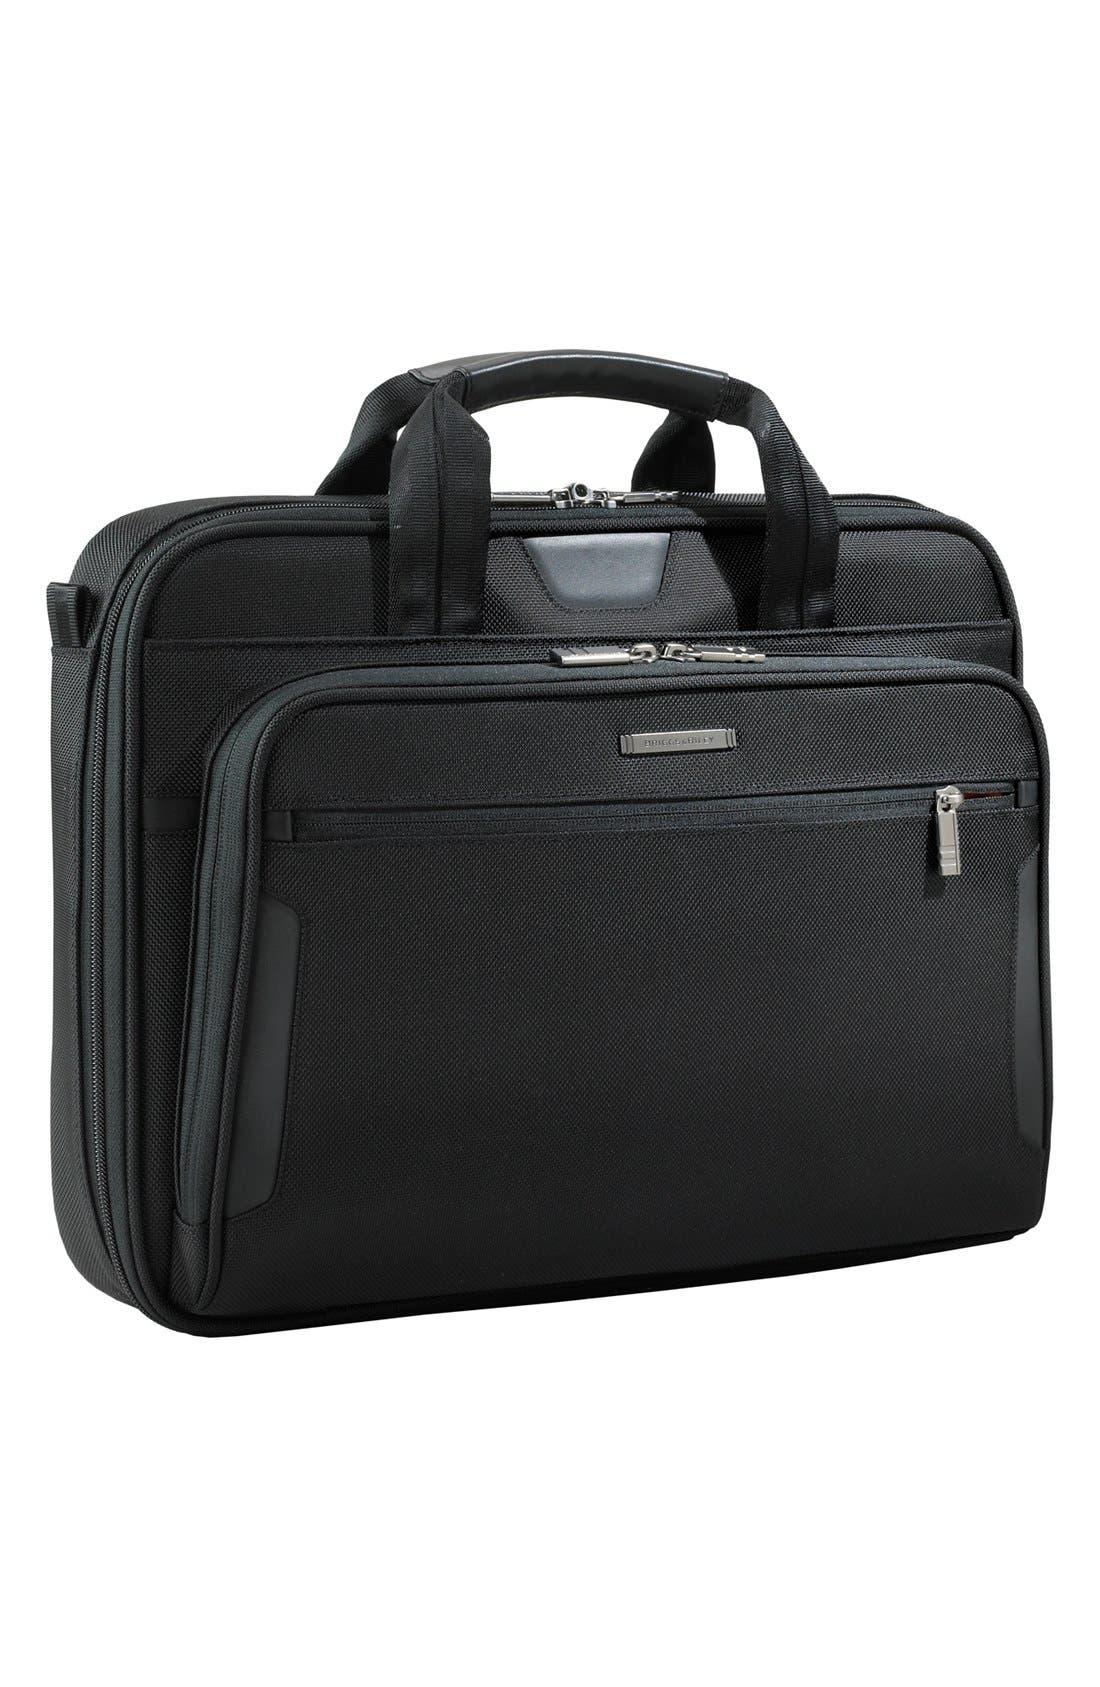 BRIGGS & RILEY Medium Slim Ballistic Nylon Briefcase